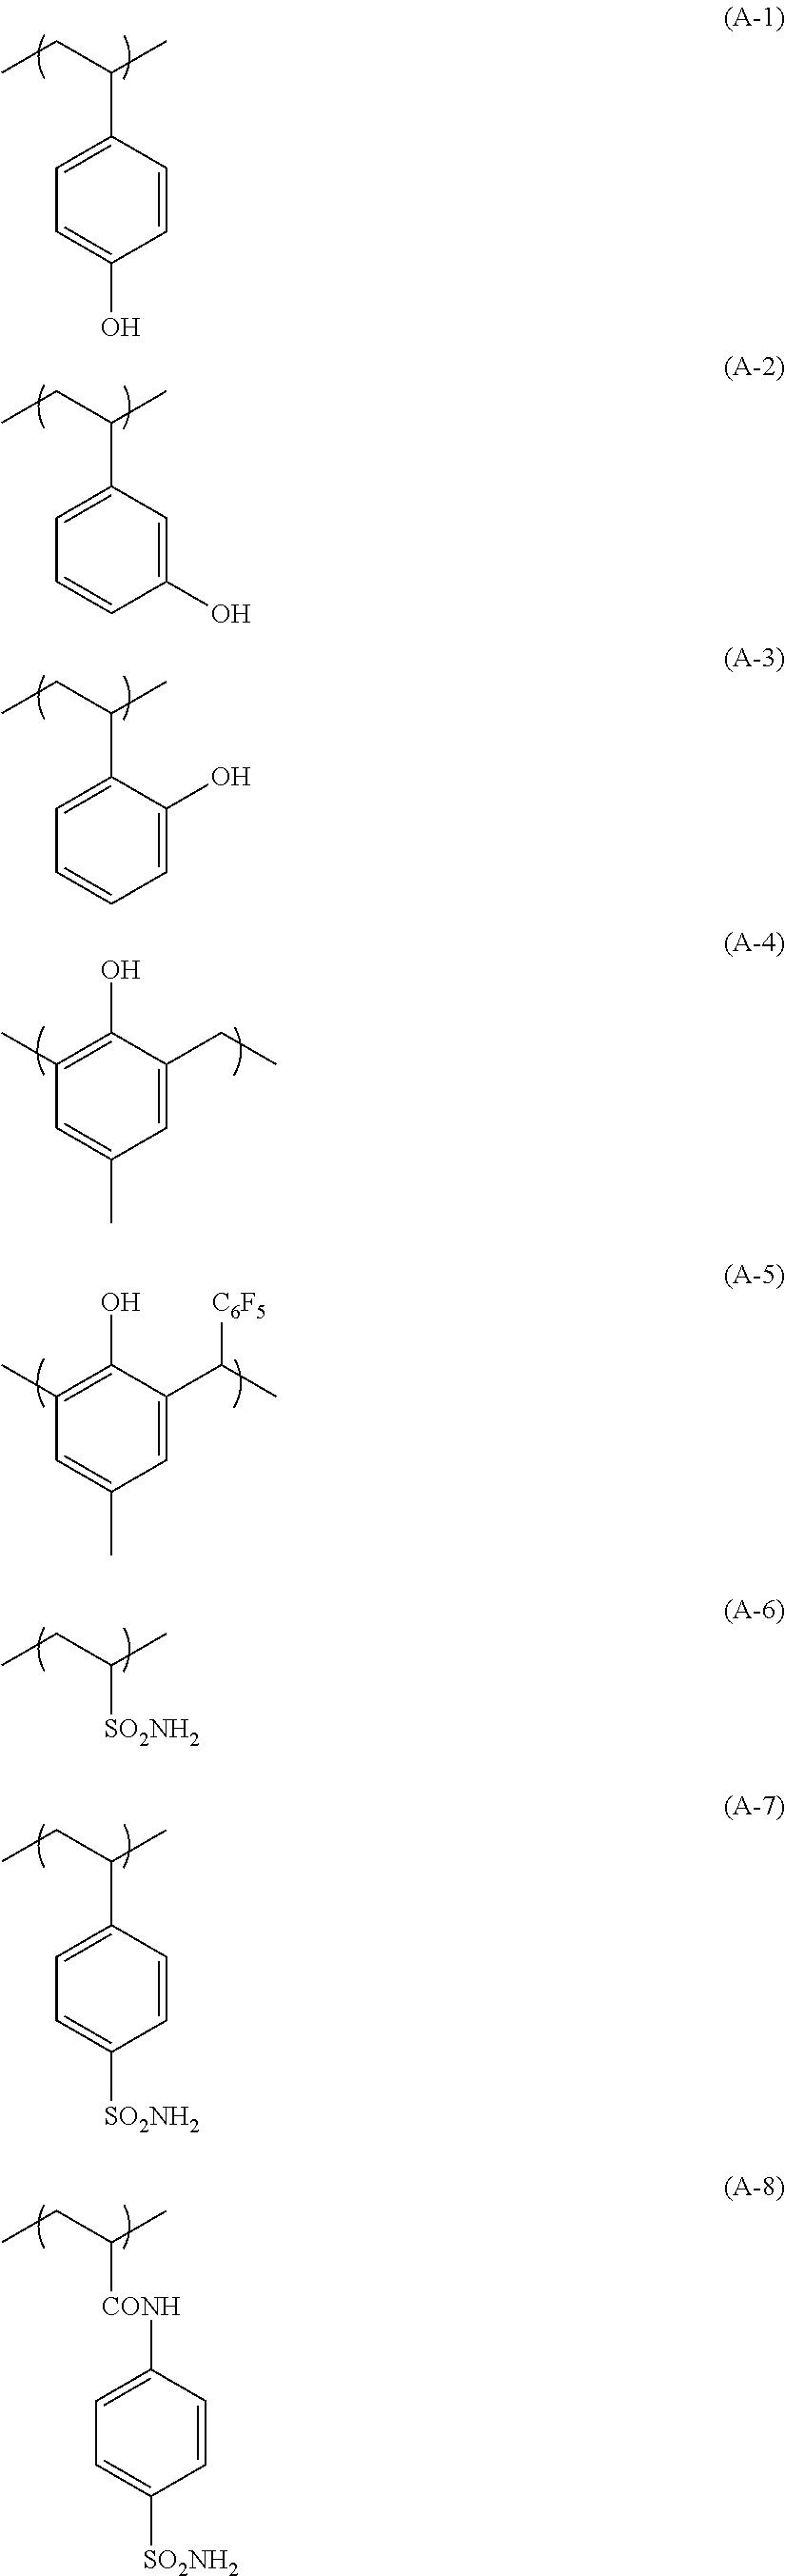 Figure US08071272-20111206-C00073